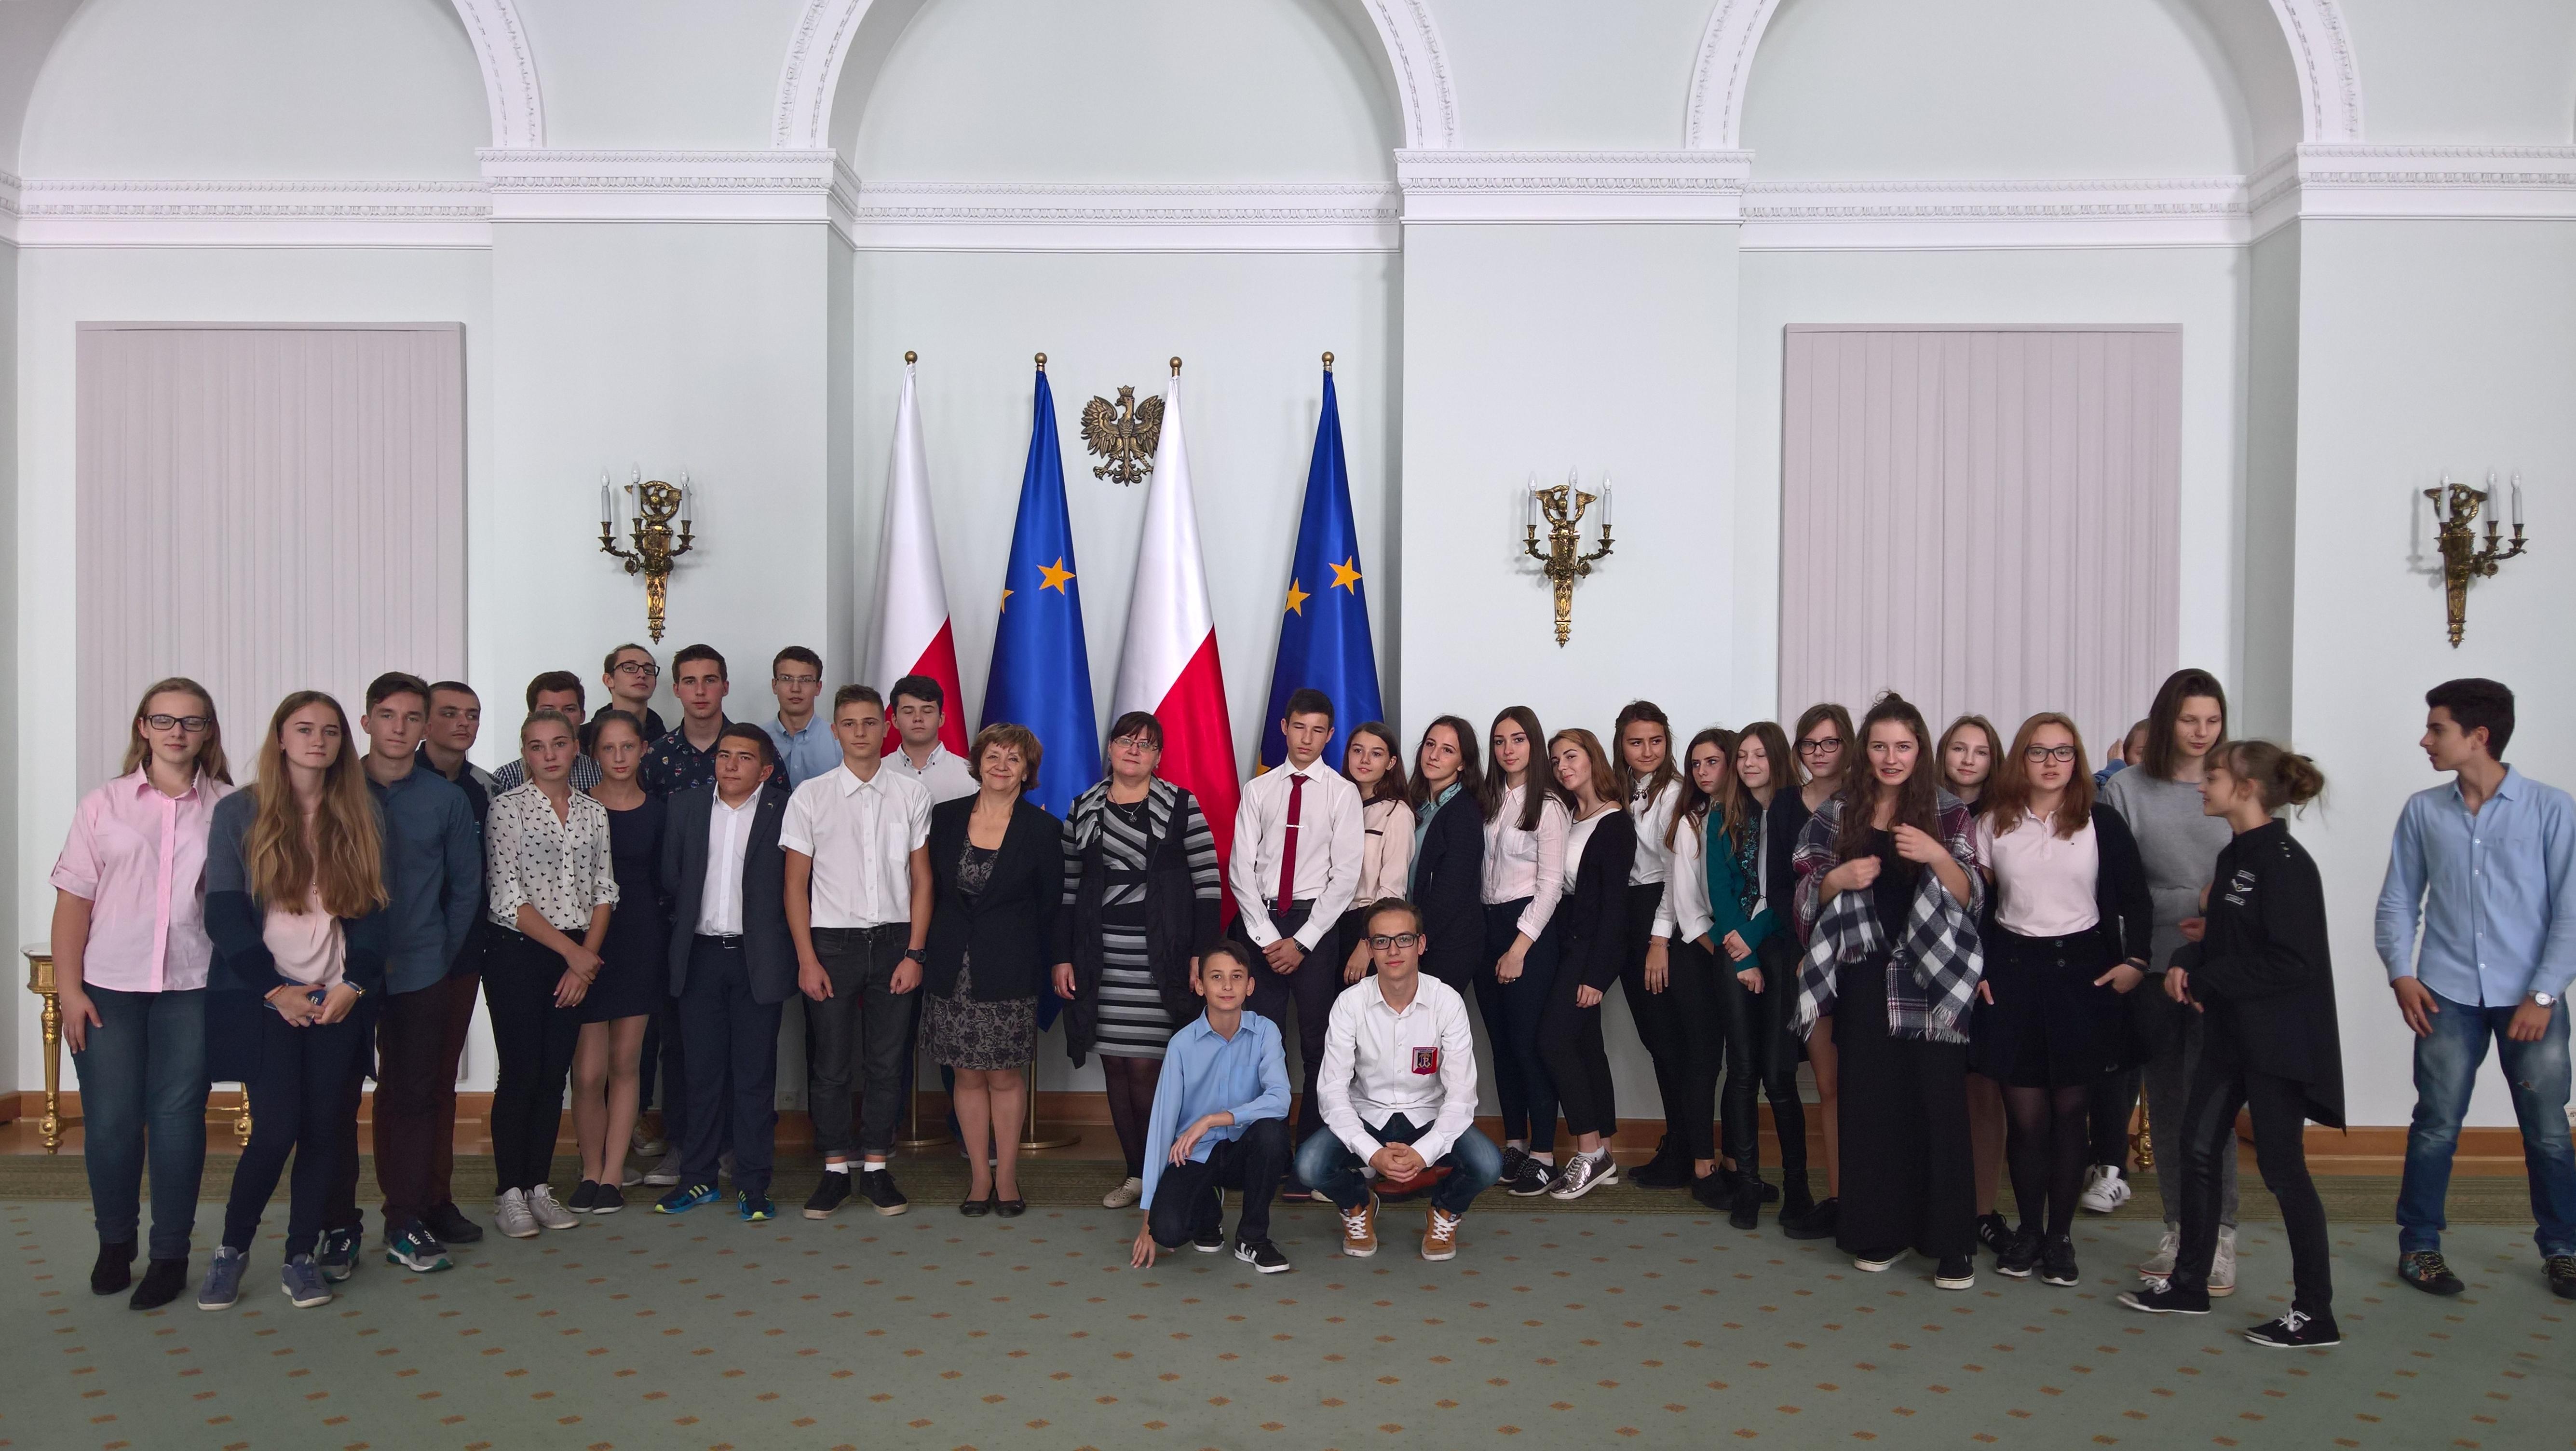 Polsko-ukraińska wymiana młodzieży – relacja z projektu